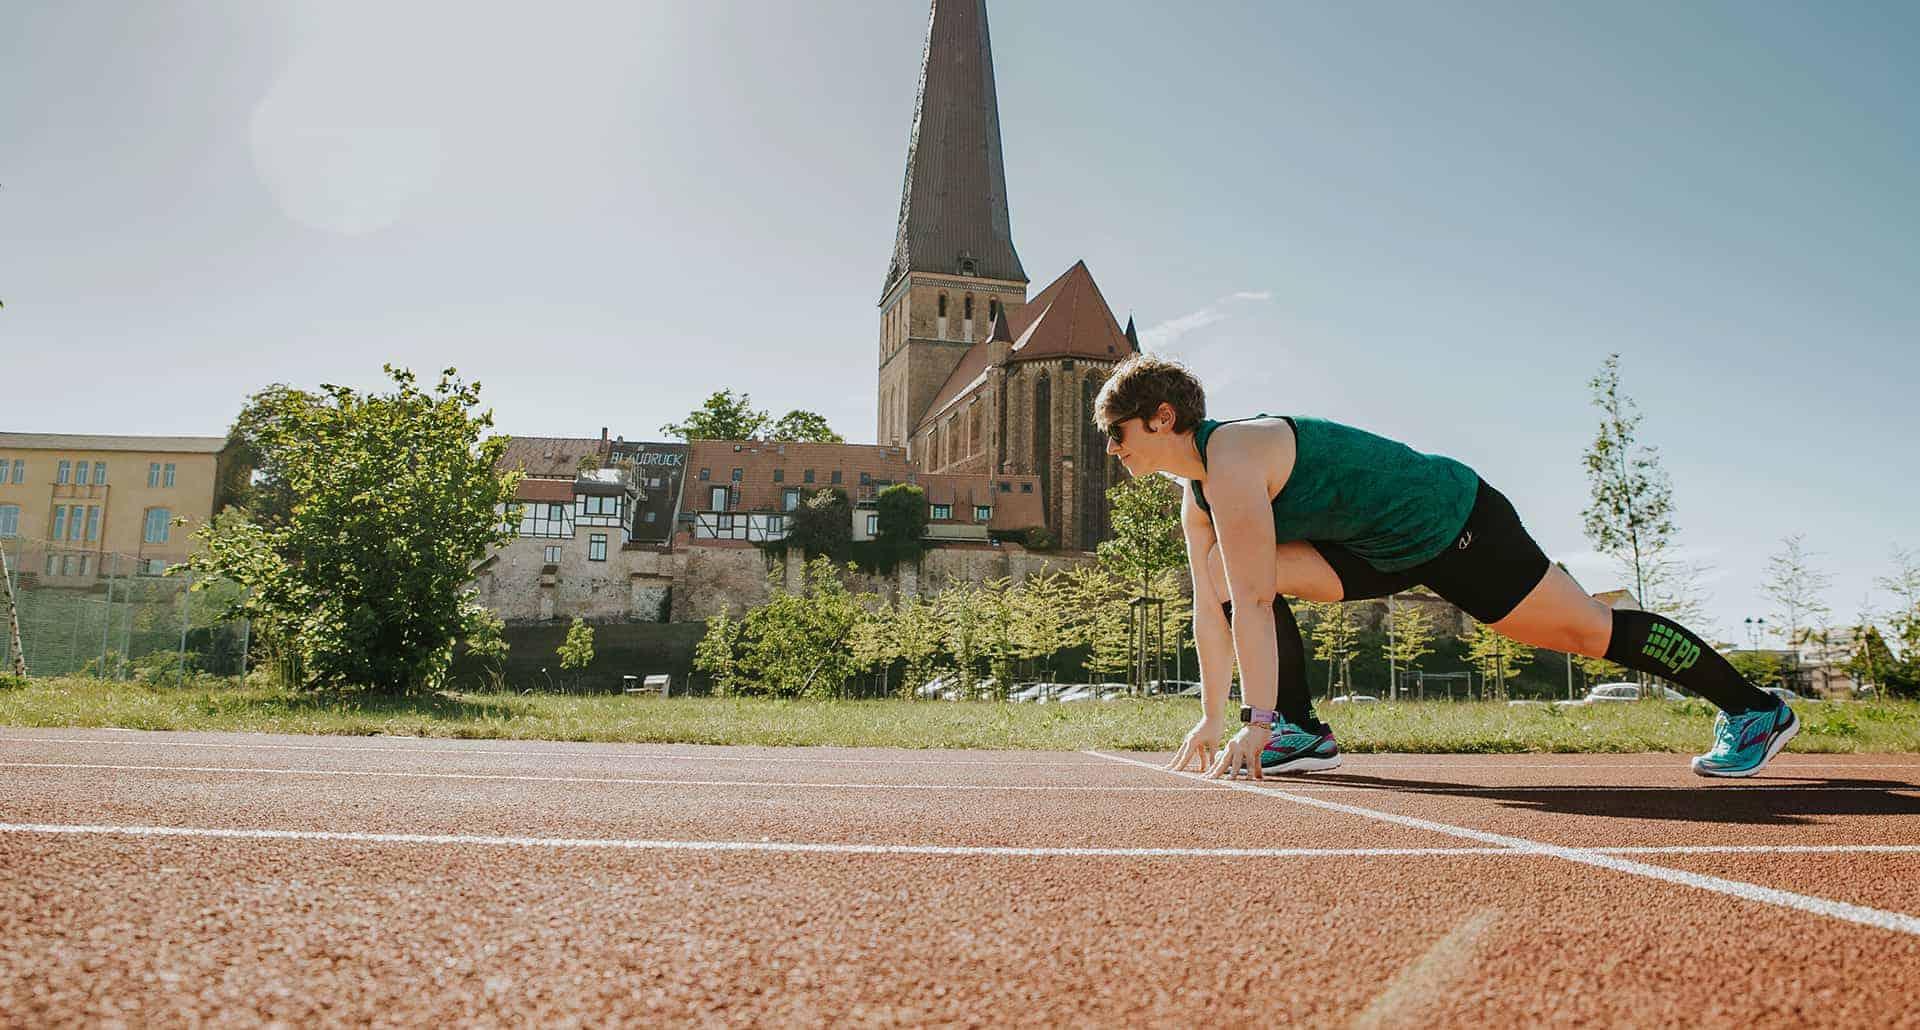 Go Girl! Run! – Dein Blog übers Laufen, Reisen und Triathlon für Frauen